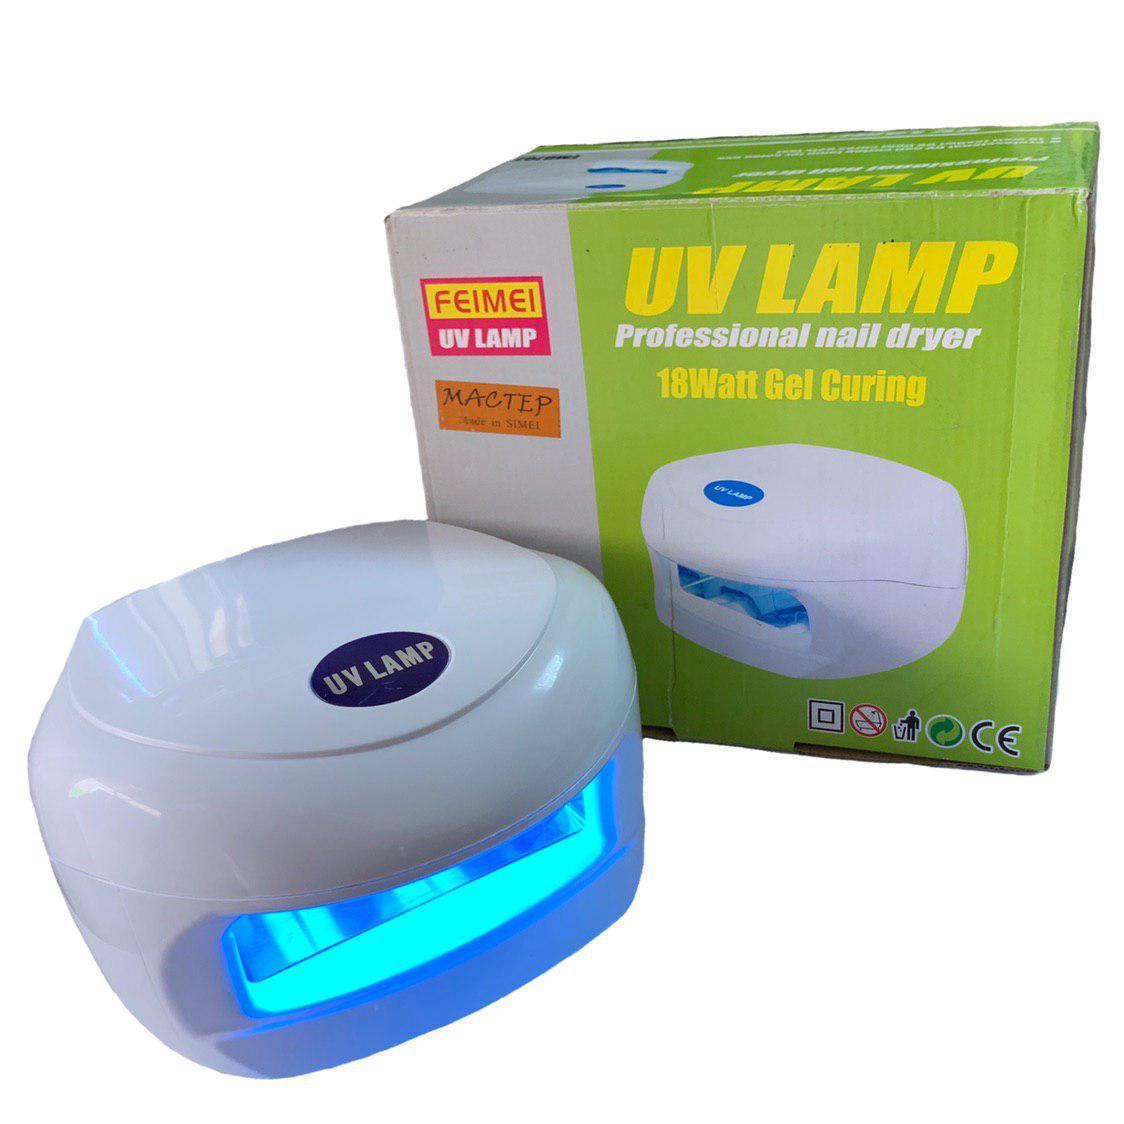 Лампы УФ ультрафиолетовые Simei (18W) для полимеризации гелей и гель-лаков